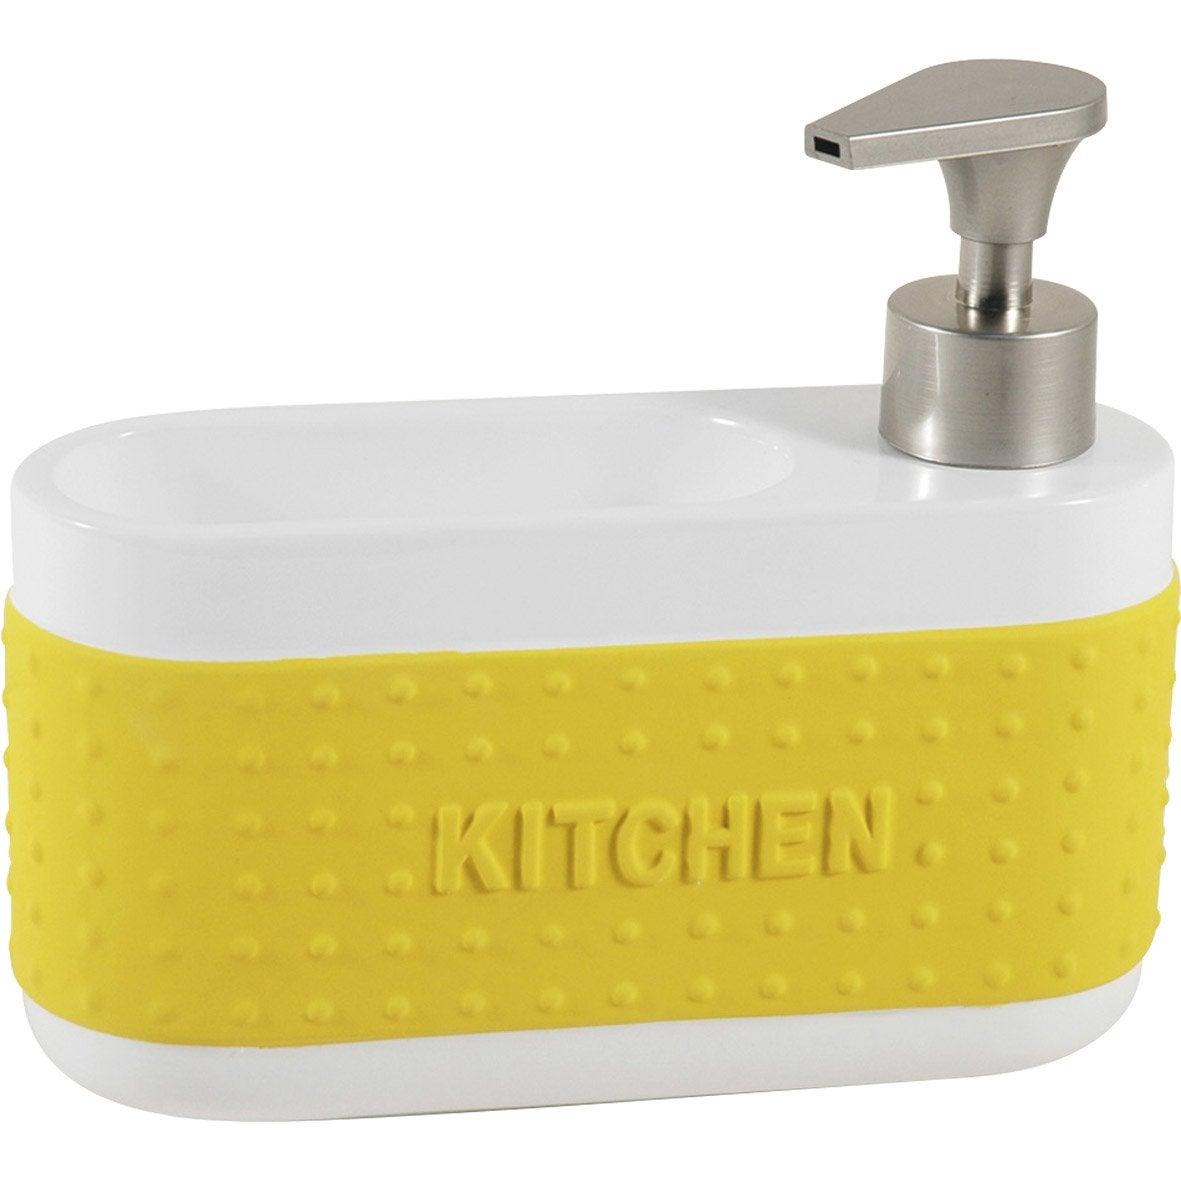 Distributeur de savon céramique avec porte-éponge jaune anis n°4